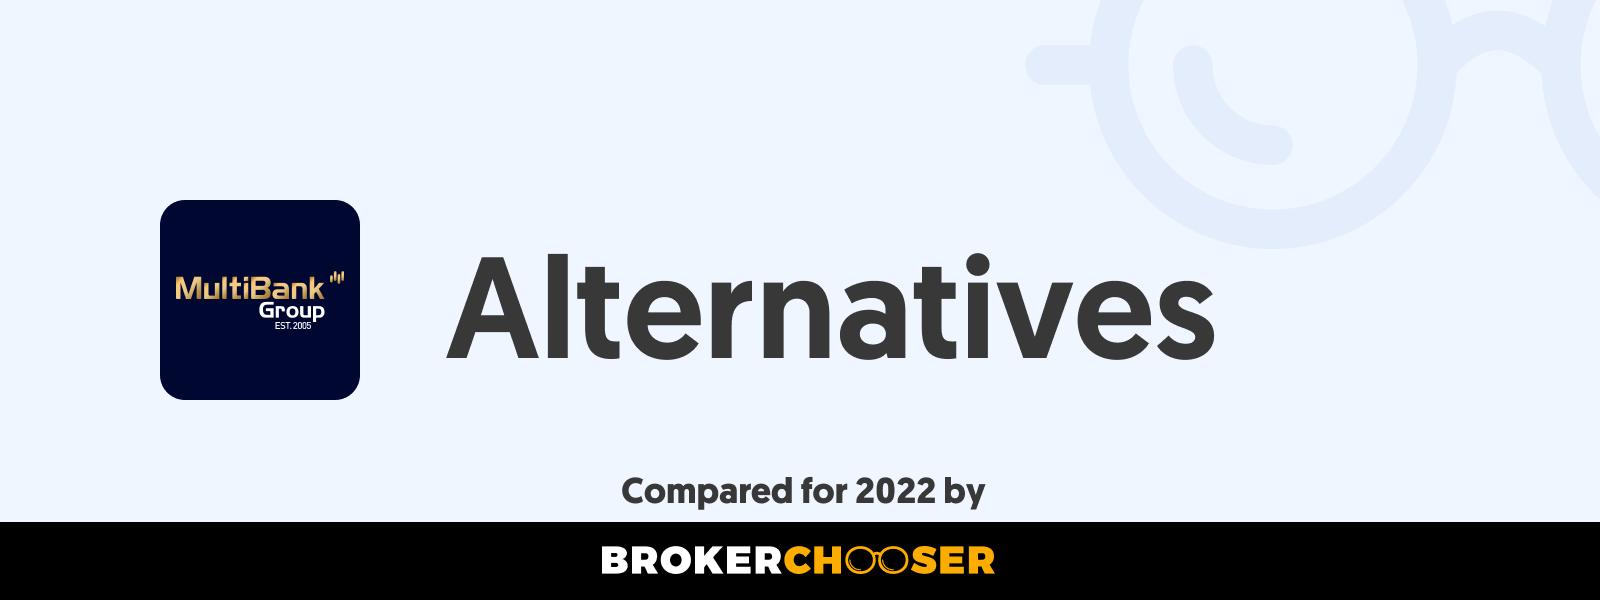 MultiBank Alternatives